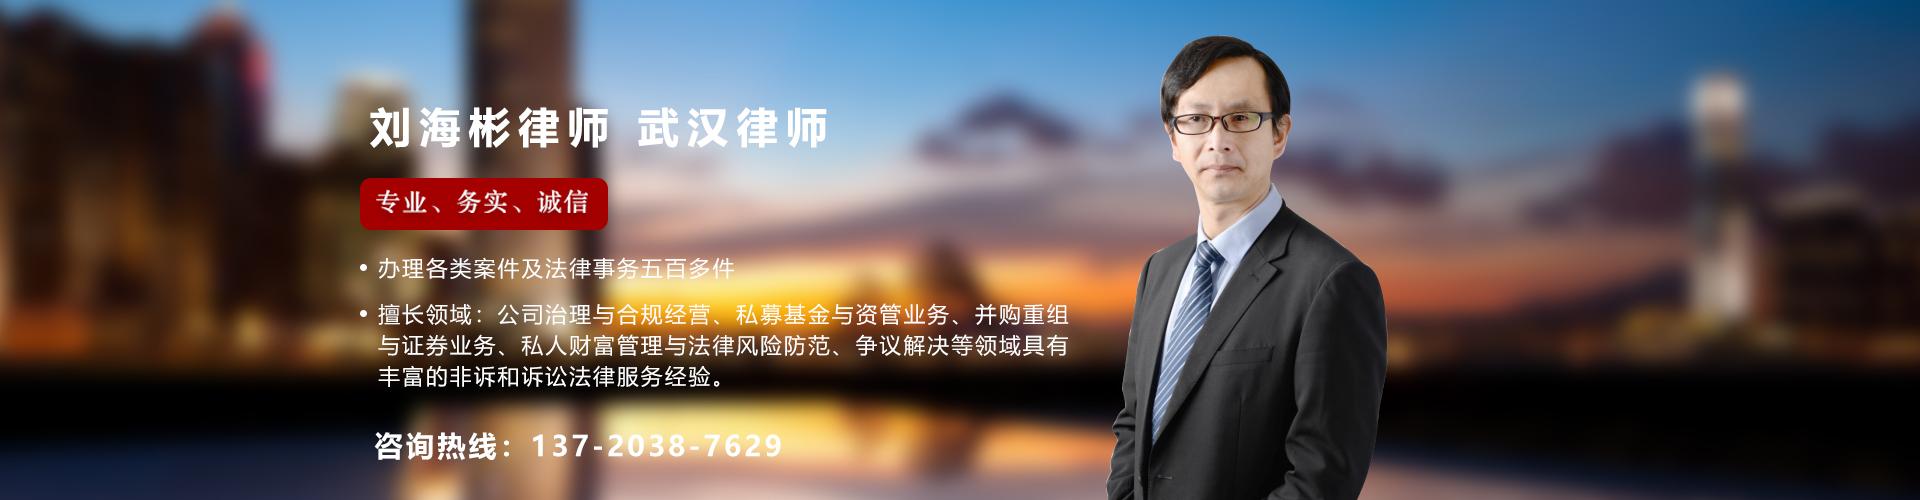 牛奕苏律师